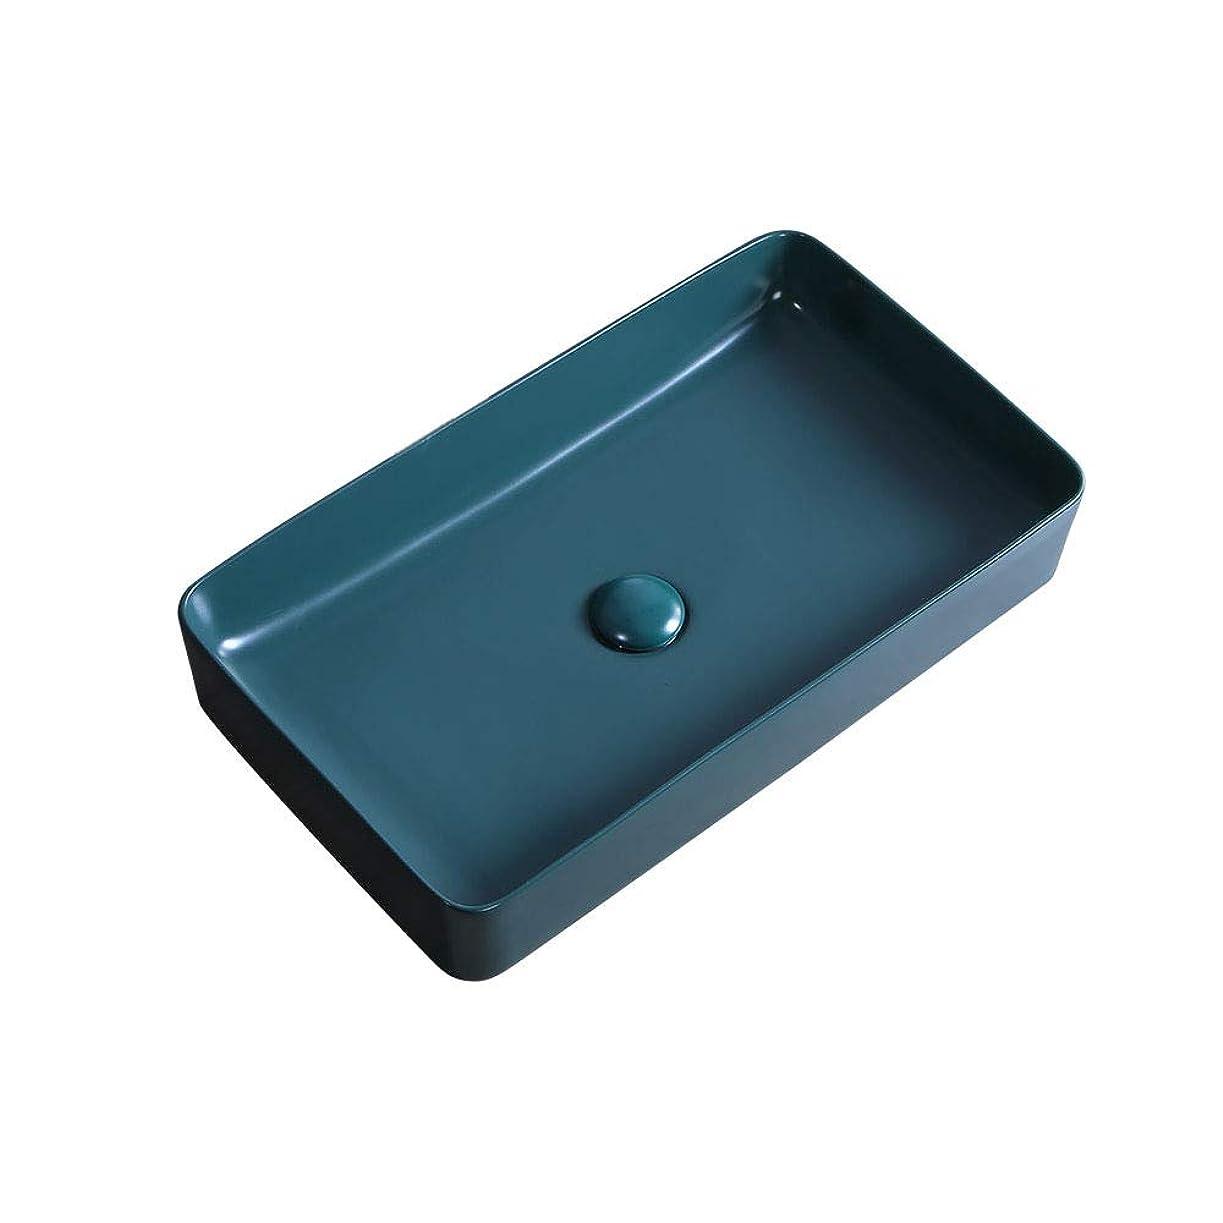 豆意味地区Homelava 洗面ボウル 洗面ボールセット 陶器製 置き型 洗面器 洗面所 洗面台 手洗いボウル 2020年最新版 排水金具付き(蛇口なし)